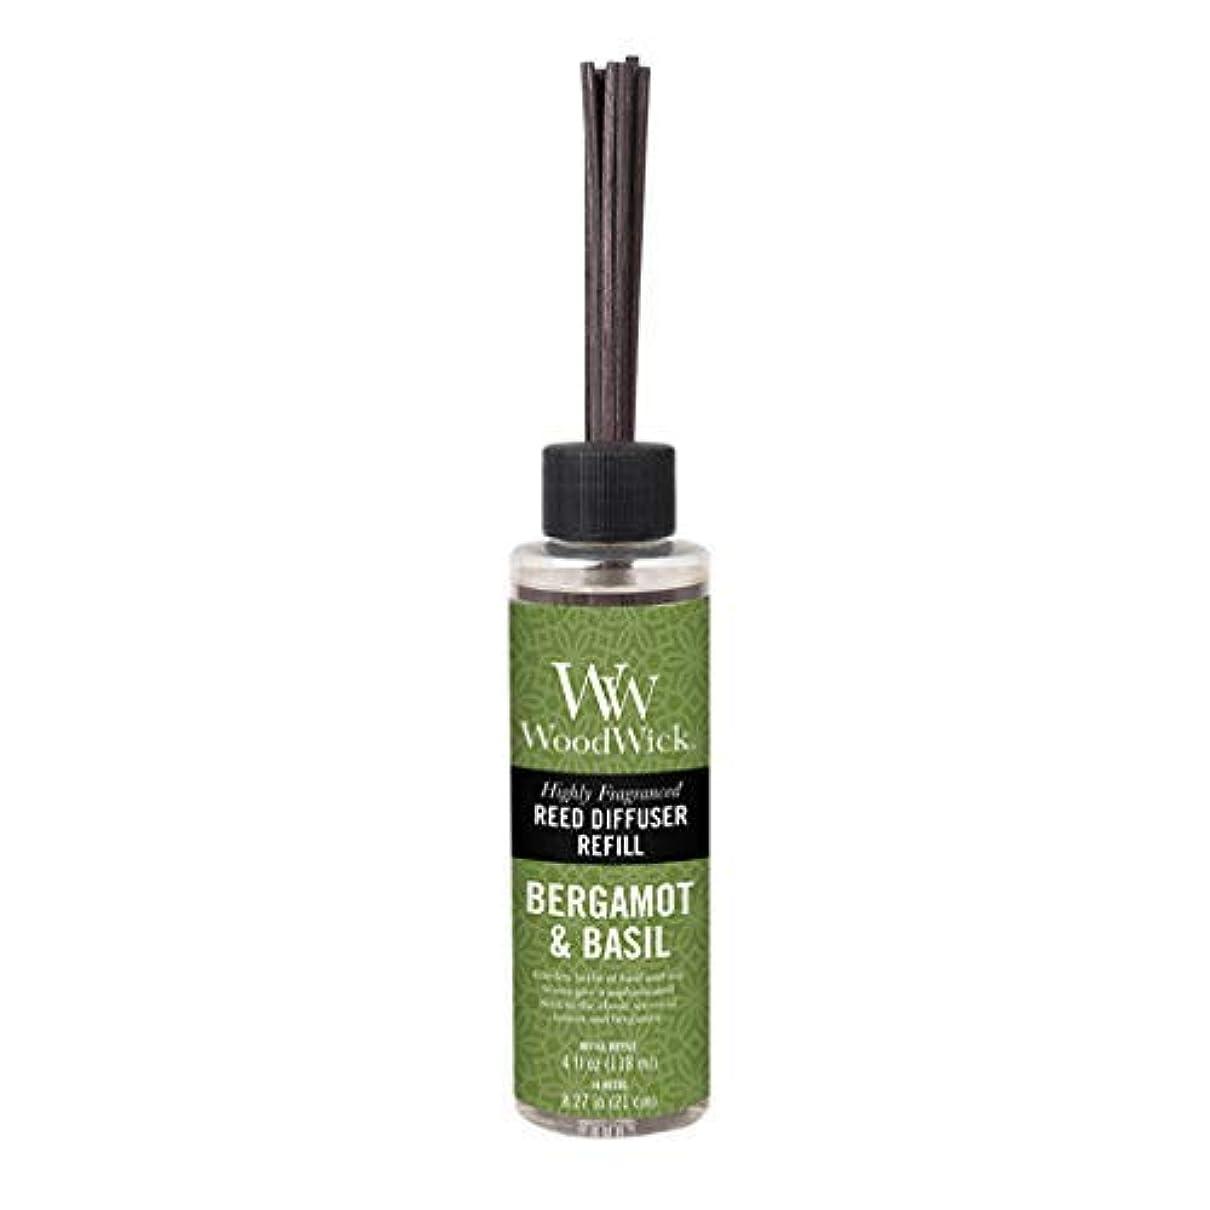 小道具方向セージWoodwick Candle Reed Diffuser Refill 4 Oz. - Bergamot & Basil [並行輸入品]